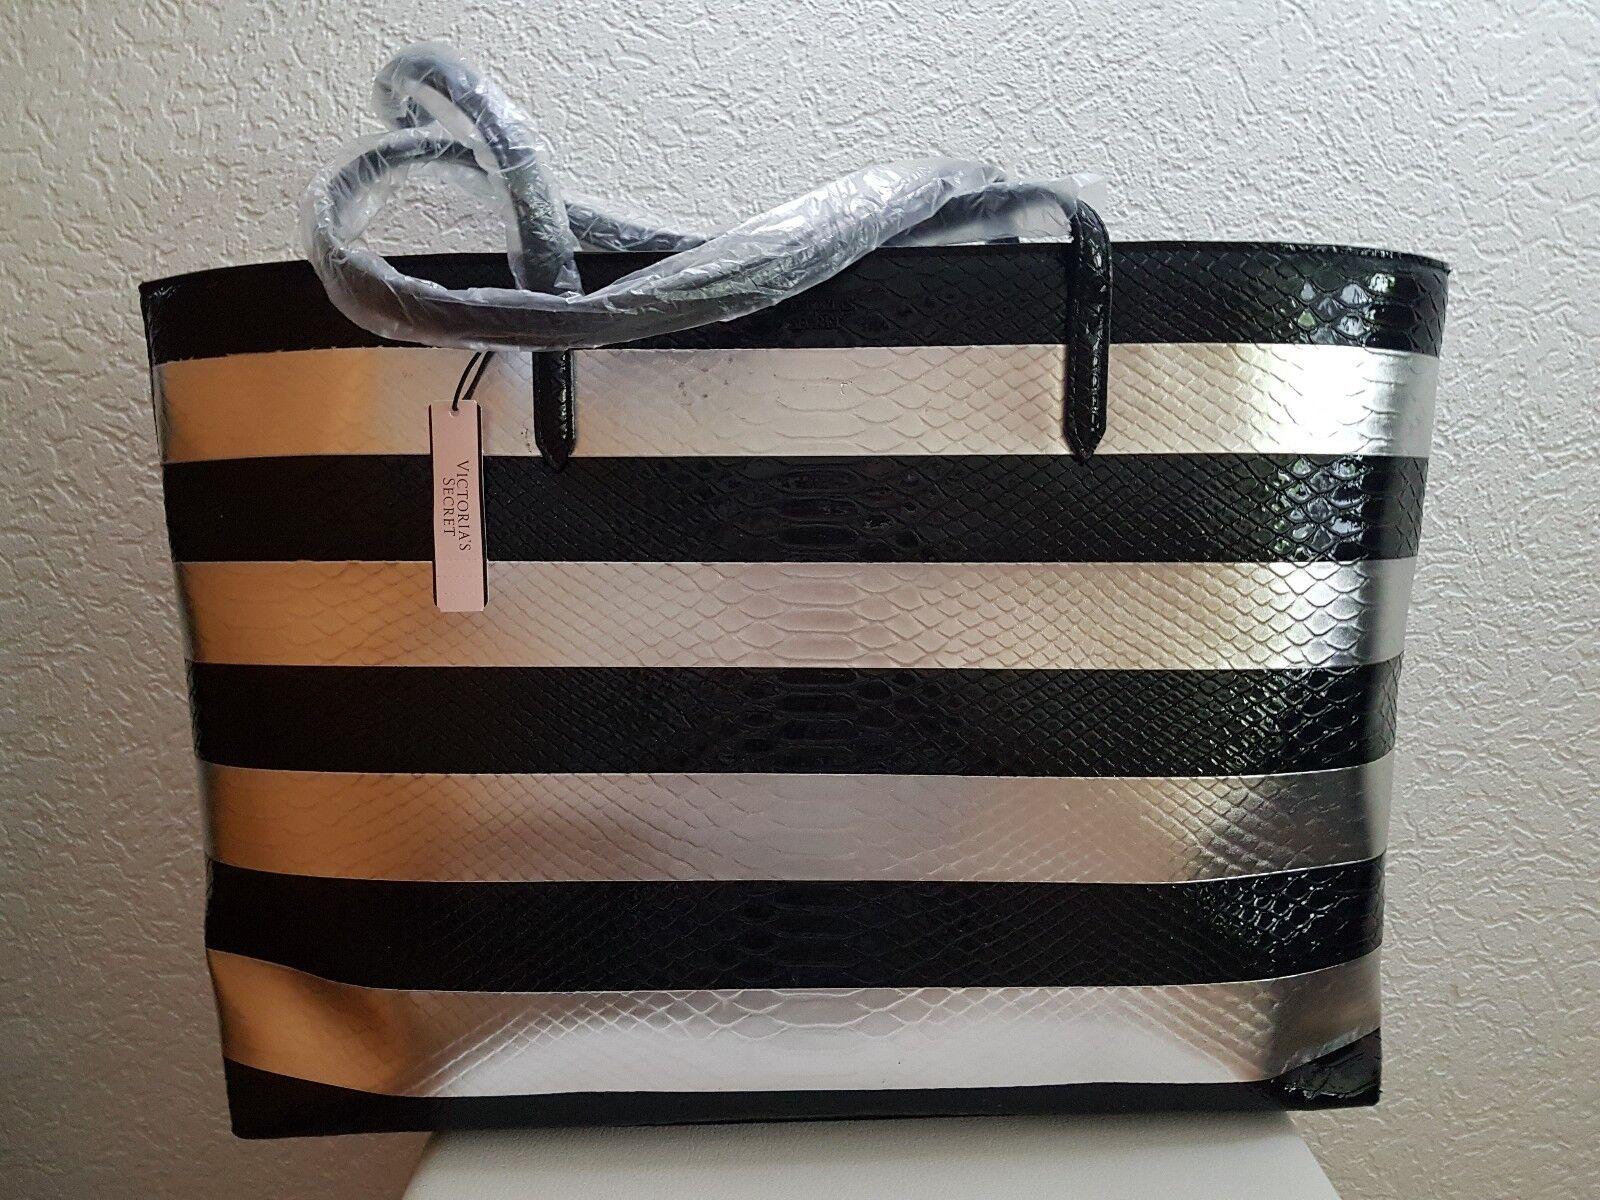 Victoria's Victoria's Victoria's Secret  Damentasche  Tasche  Shopper   snake optik  schwarz silber | Zahlreiche In Vielfalt  | Hohe Qualität  | Up-to-date Styling  760d2d